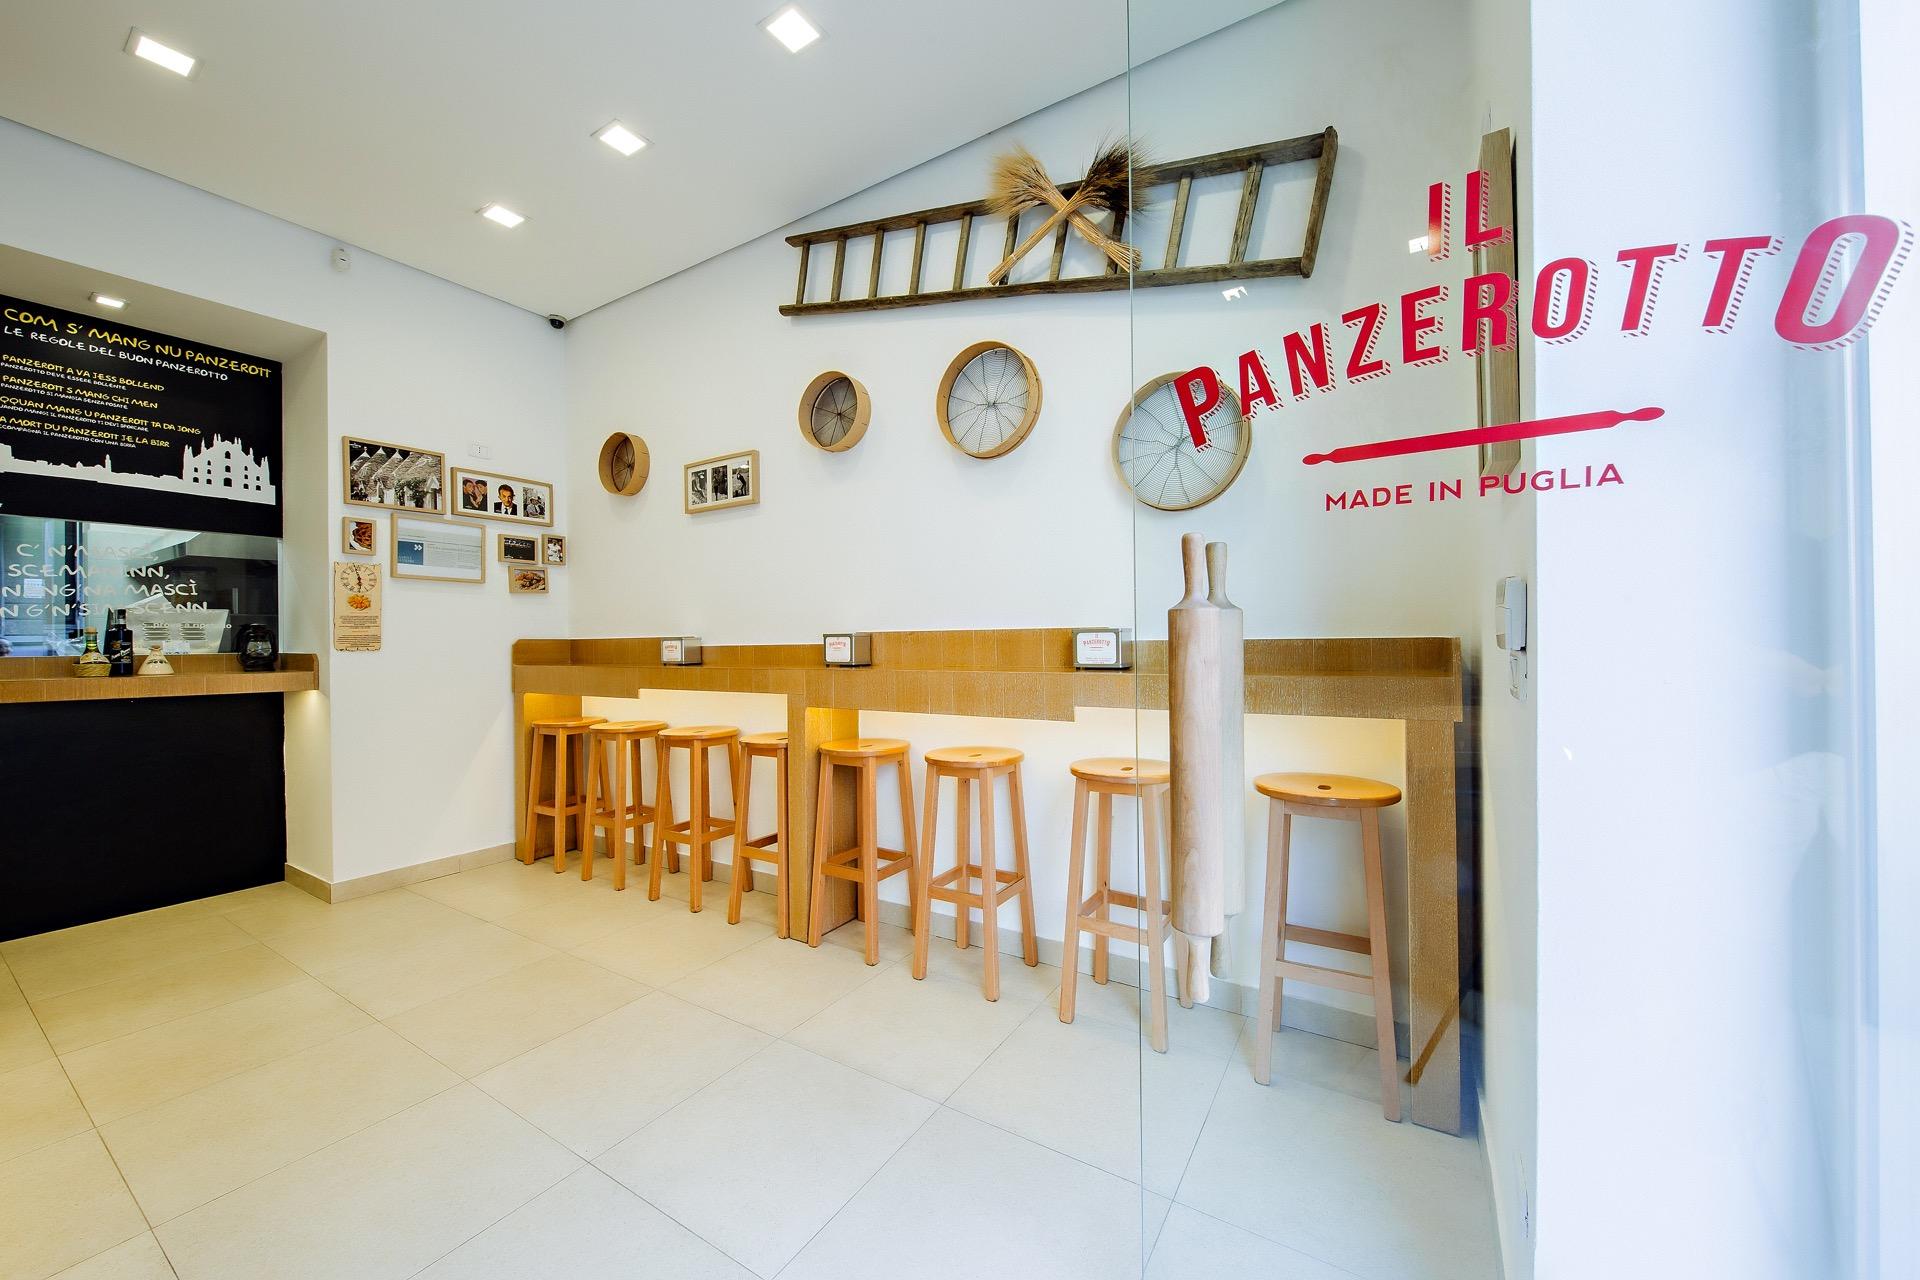 franchising street food alimentare panzerotto oanzerotti2015_05_06_Il_Panzerotto_0007